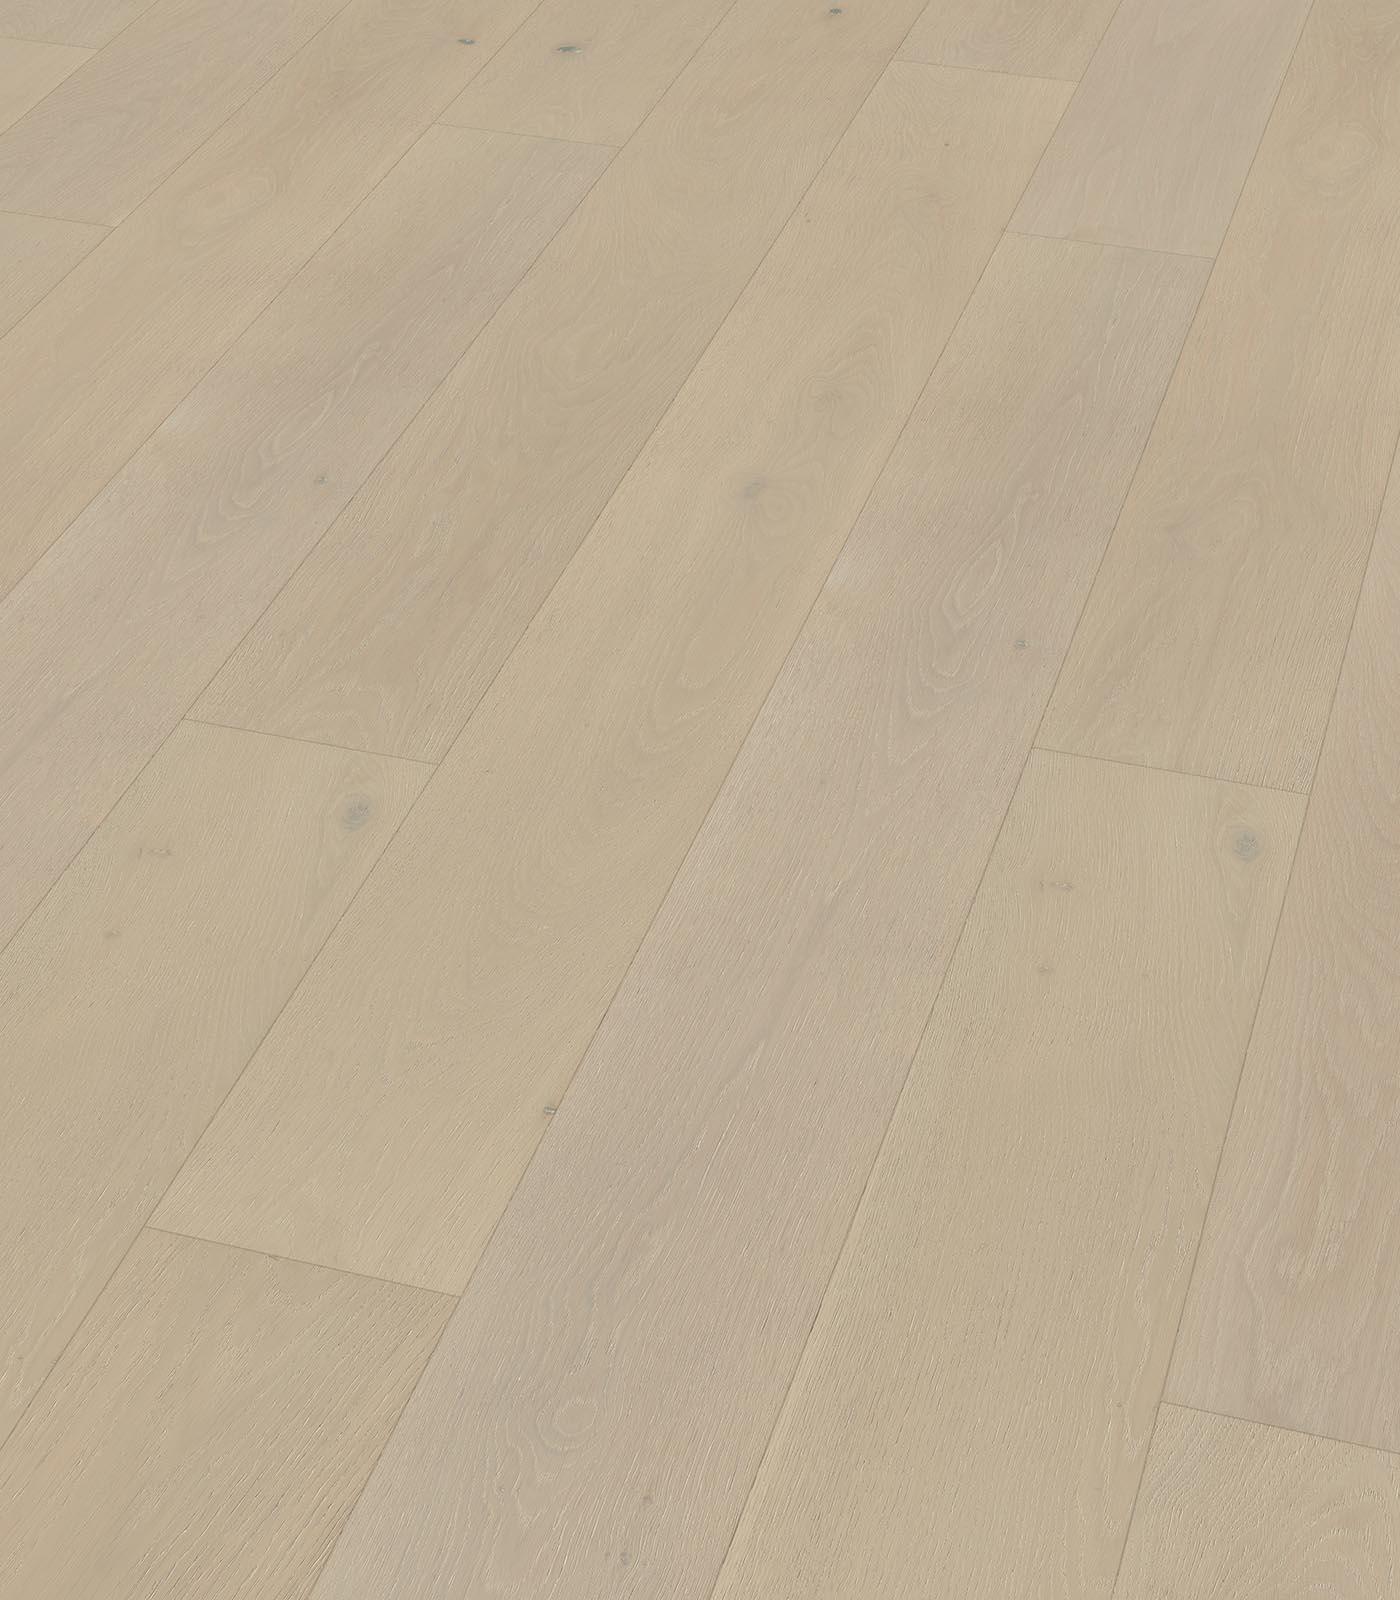 Ivory-Colors Collection-European Oak Floors-angle